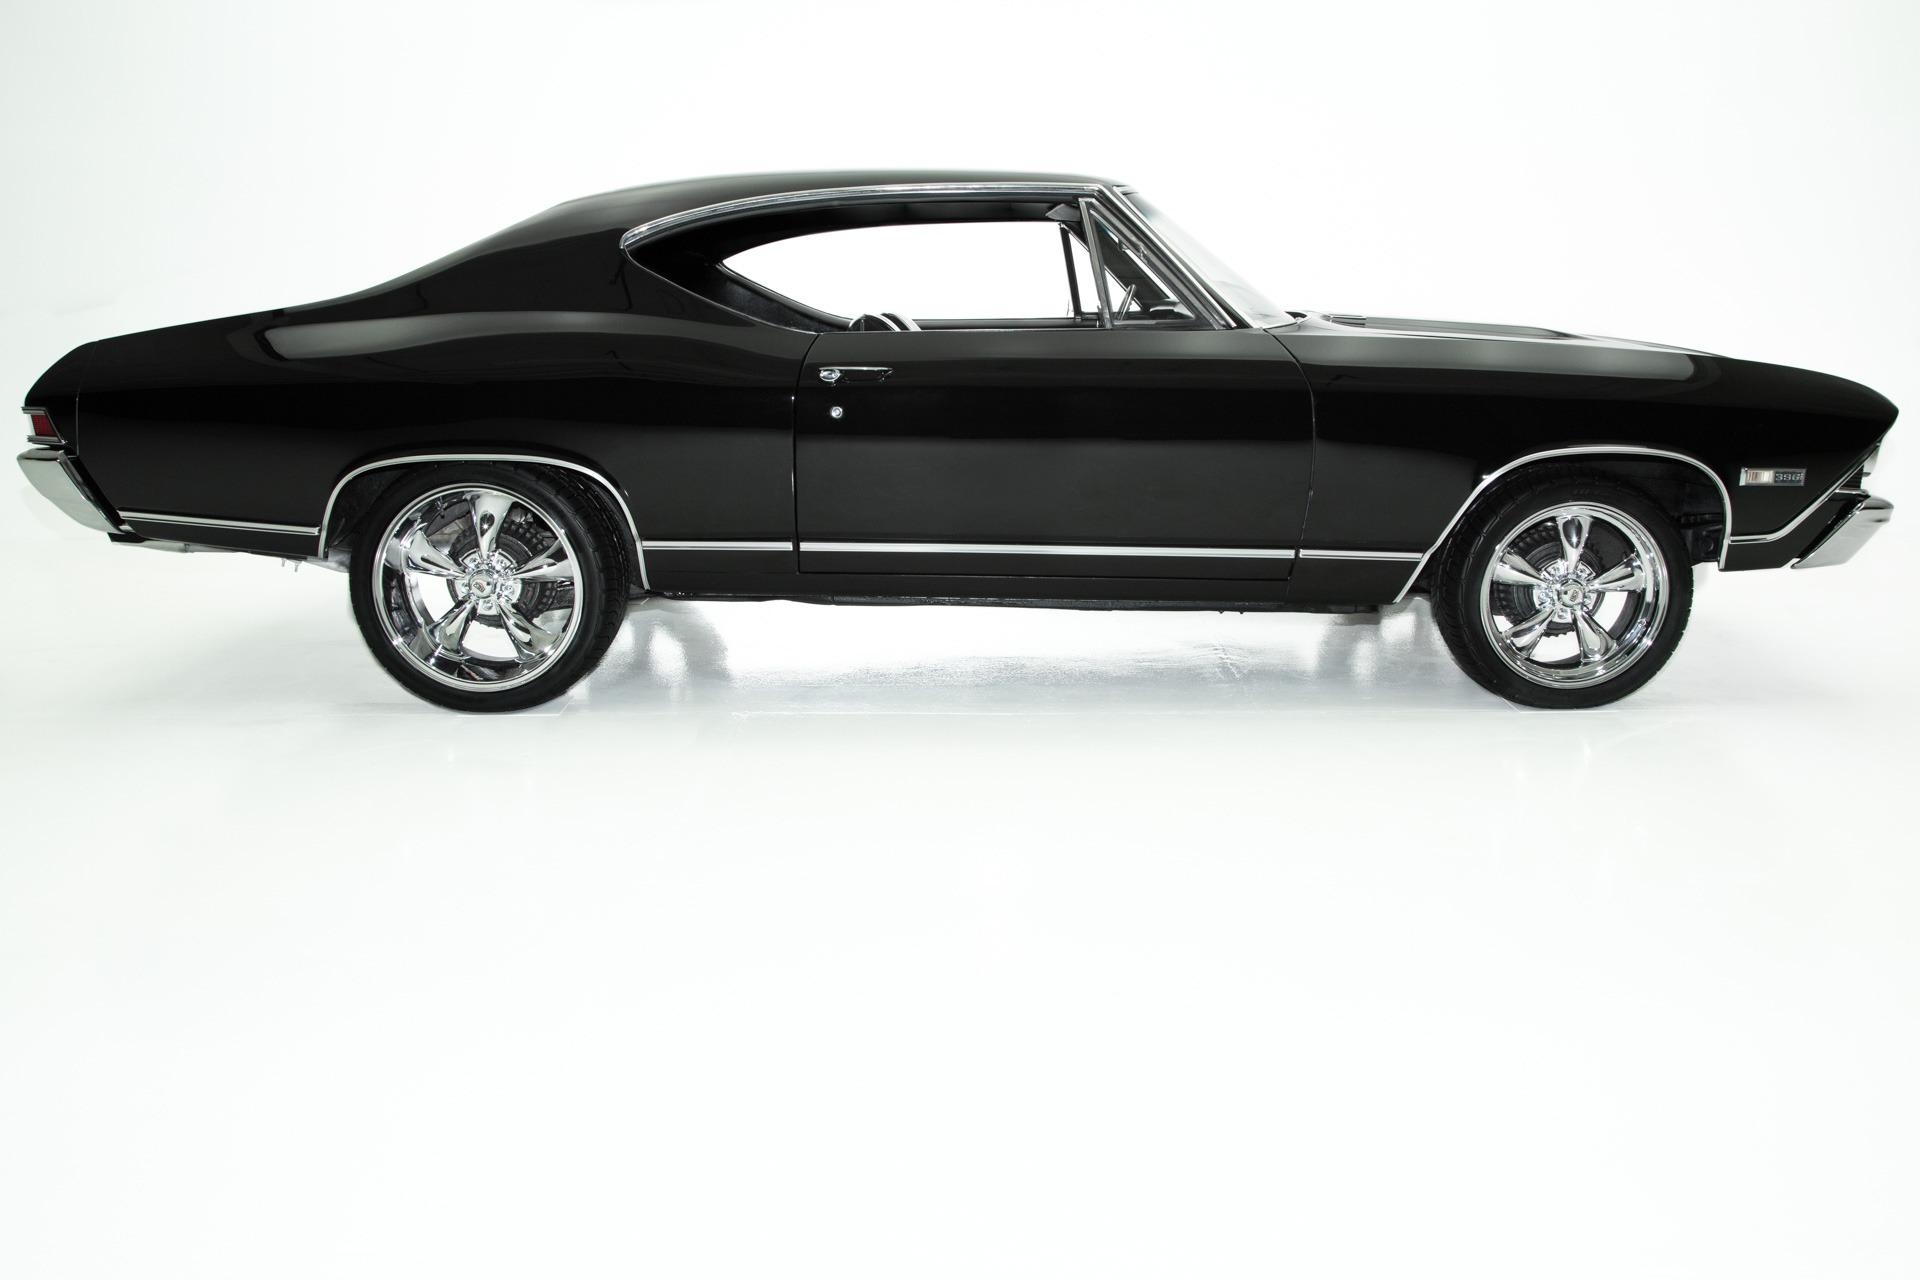 1968 Chevrolet Chevelle Ss 396 4 Speed 12 Bolt